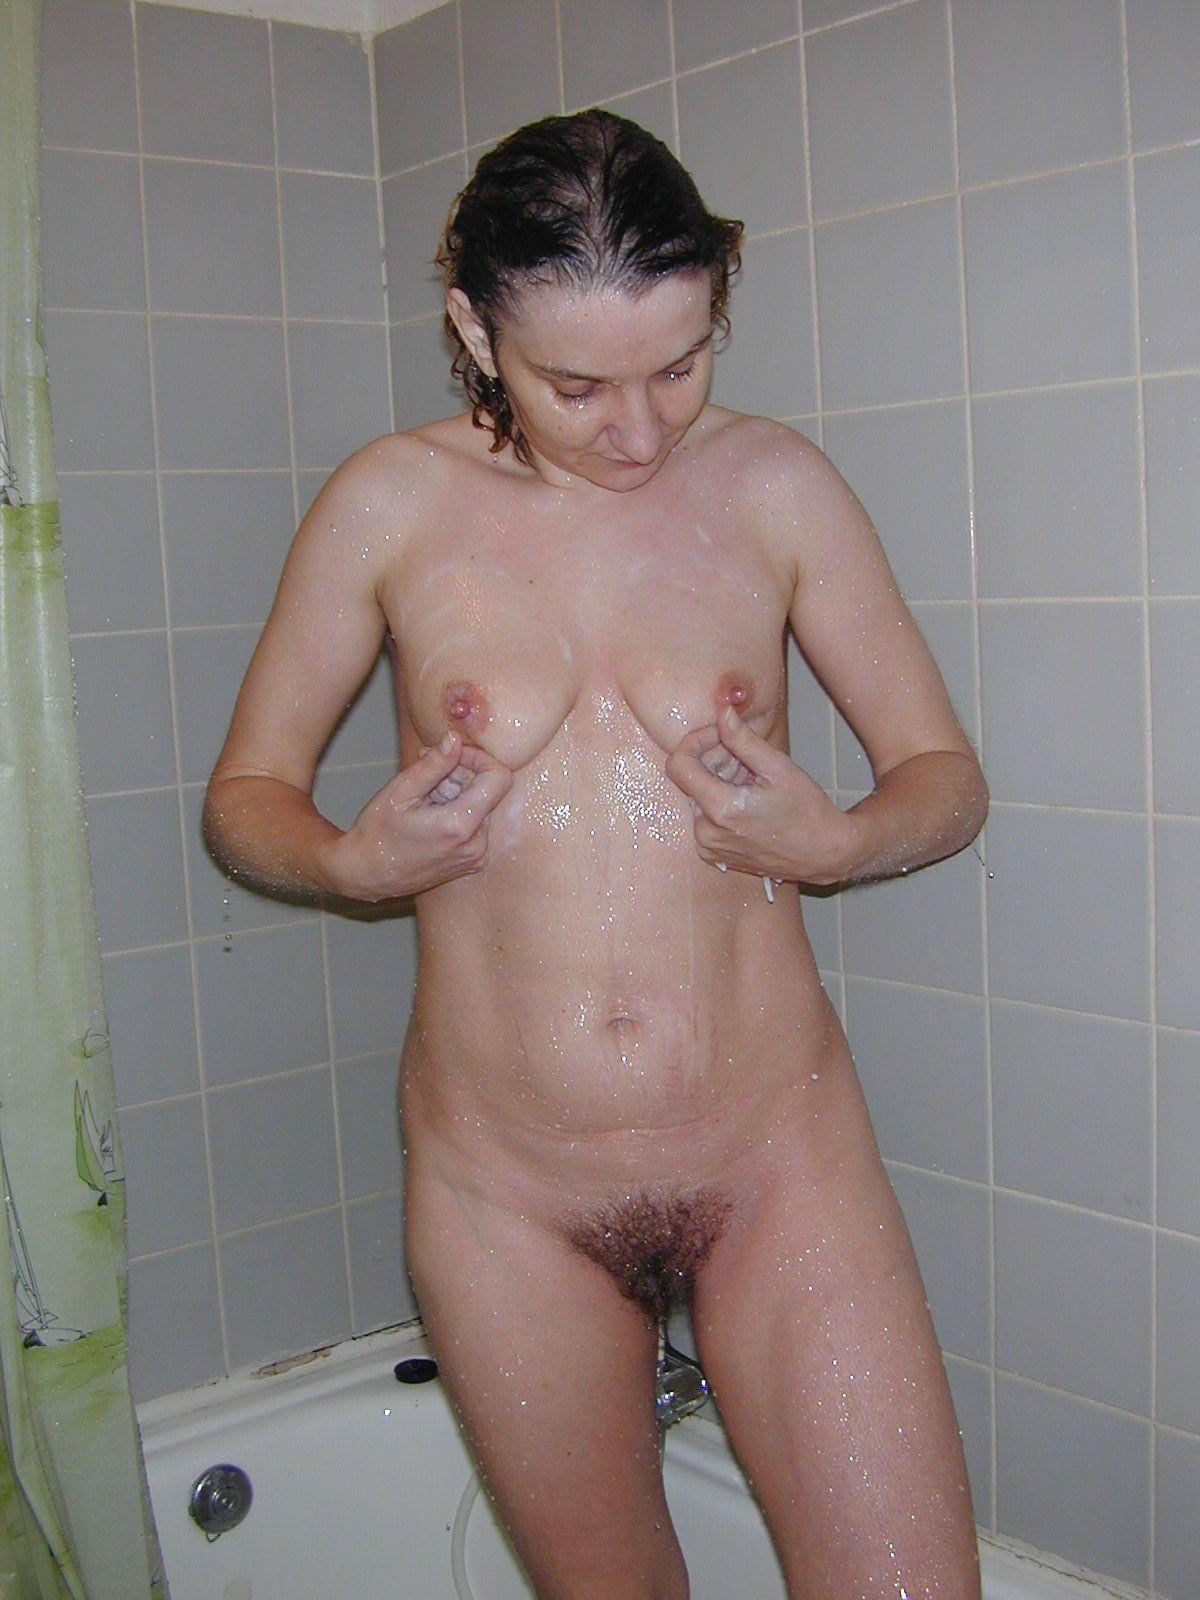 muschi lecken forum erotik gina wild